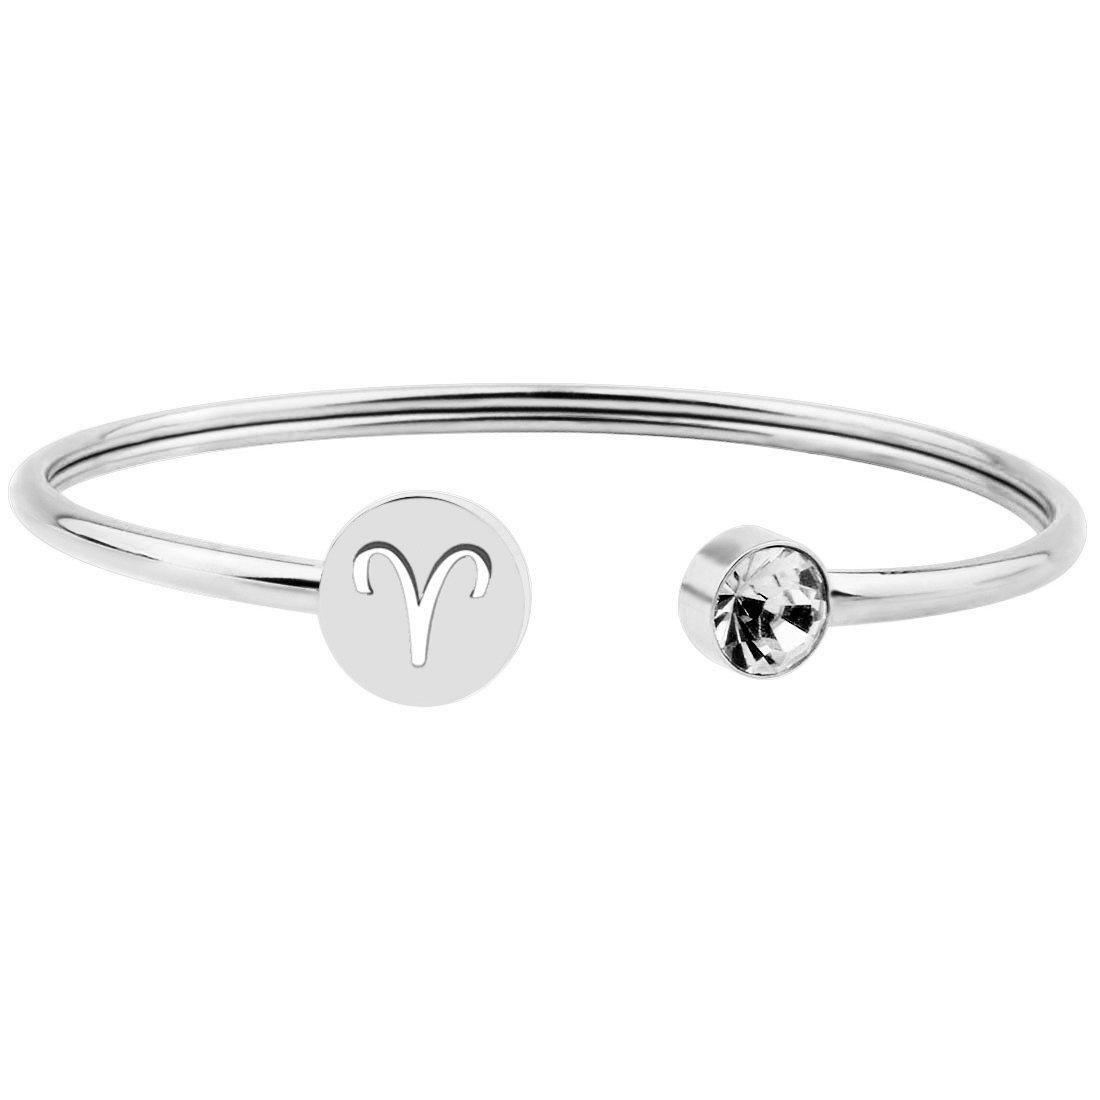 Bracciale semplice rigido con segno zodiacale e pietra portafortuna regalo di compleanno per donne e ragazze e Acciaio inossidabile Zuo Bao colore: Aries cod ST57